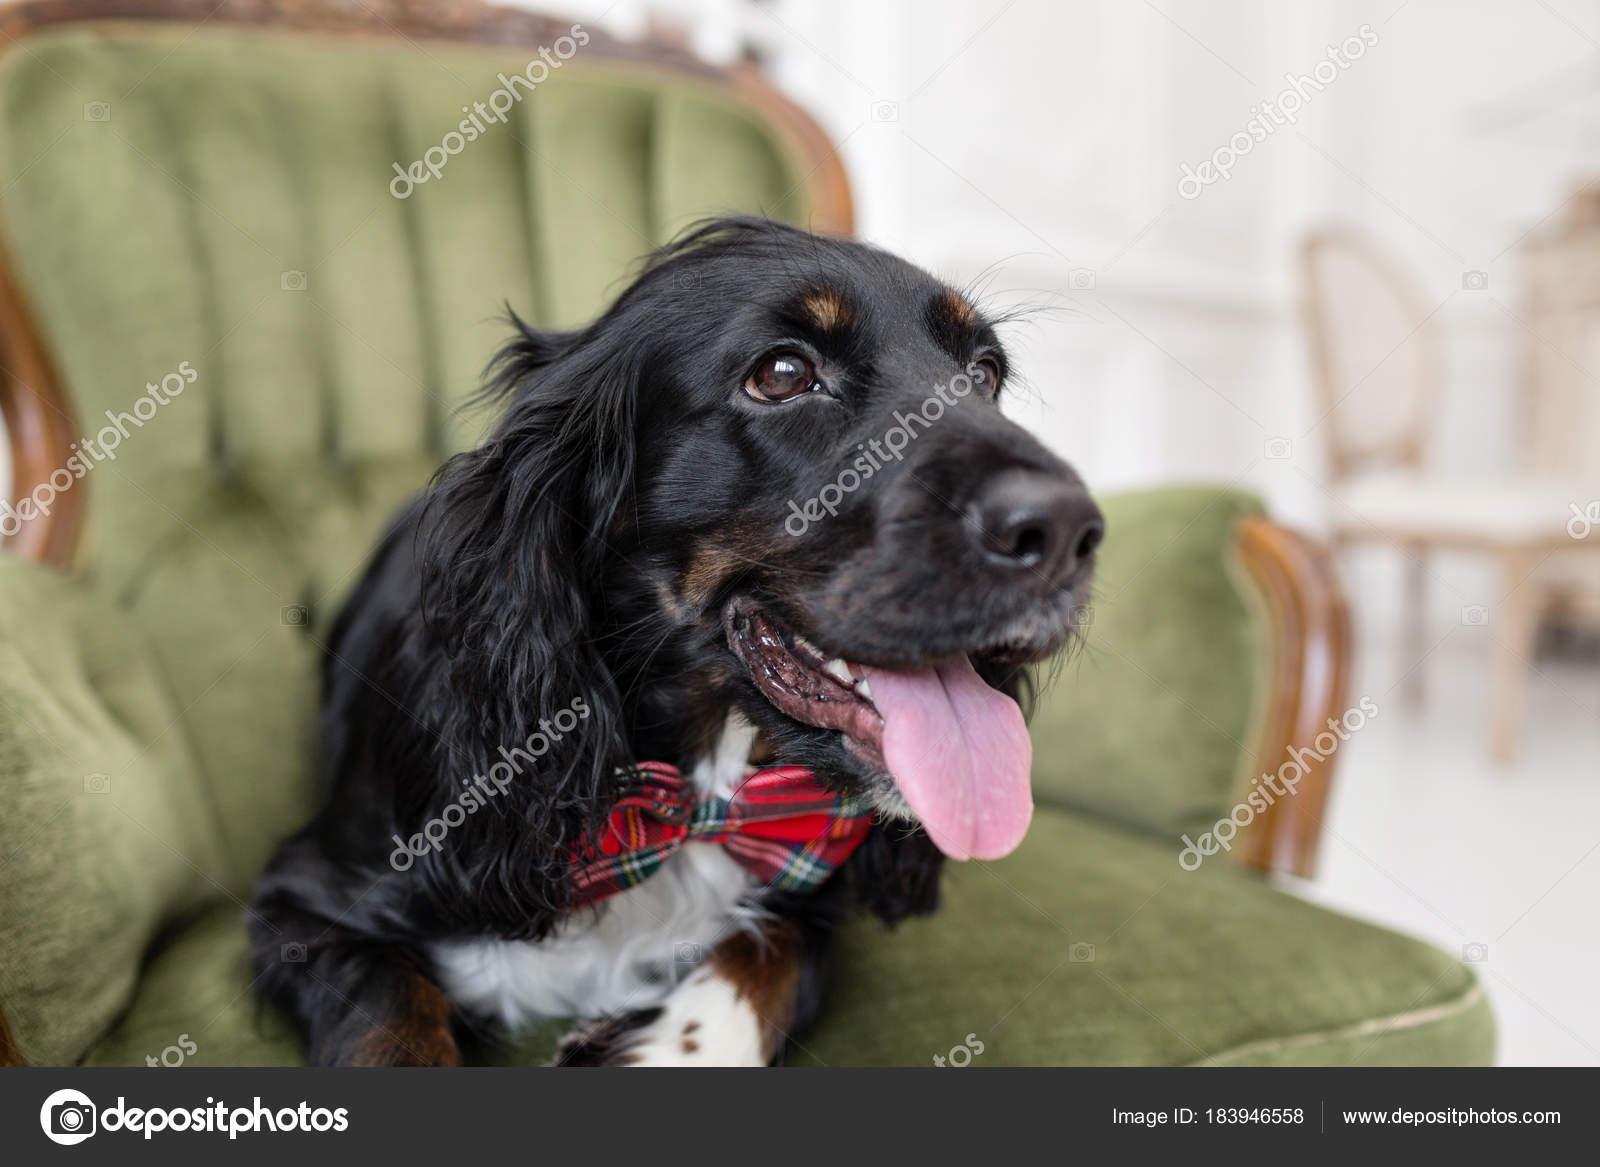 Schwarzer Hund Spaniel In Eine Rote Fliege Im Inneren Der Lichtraum